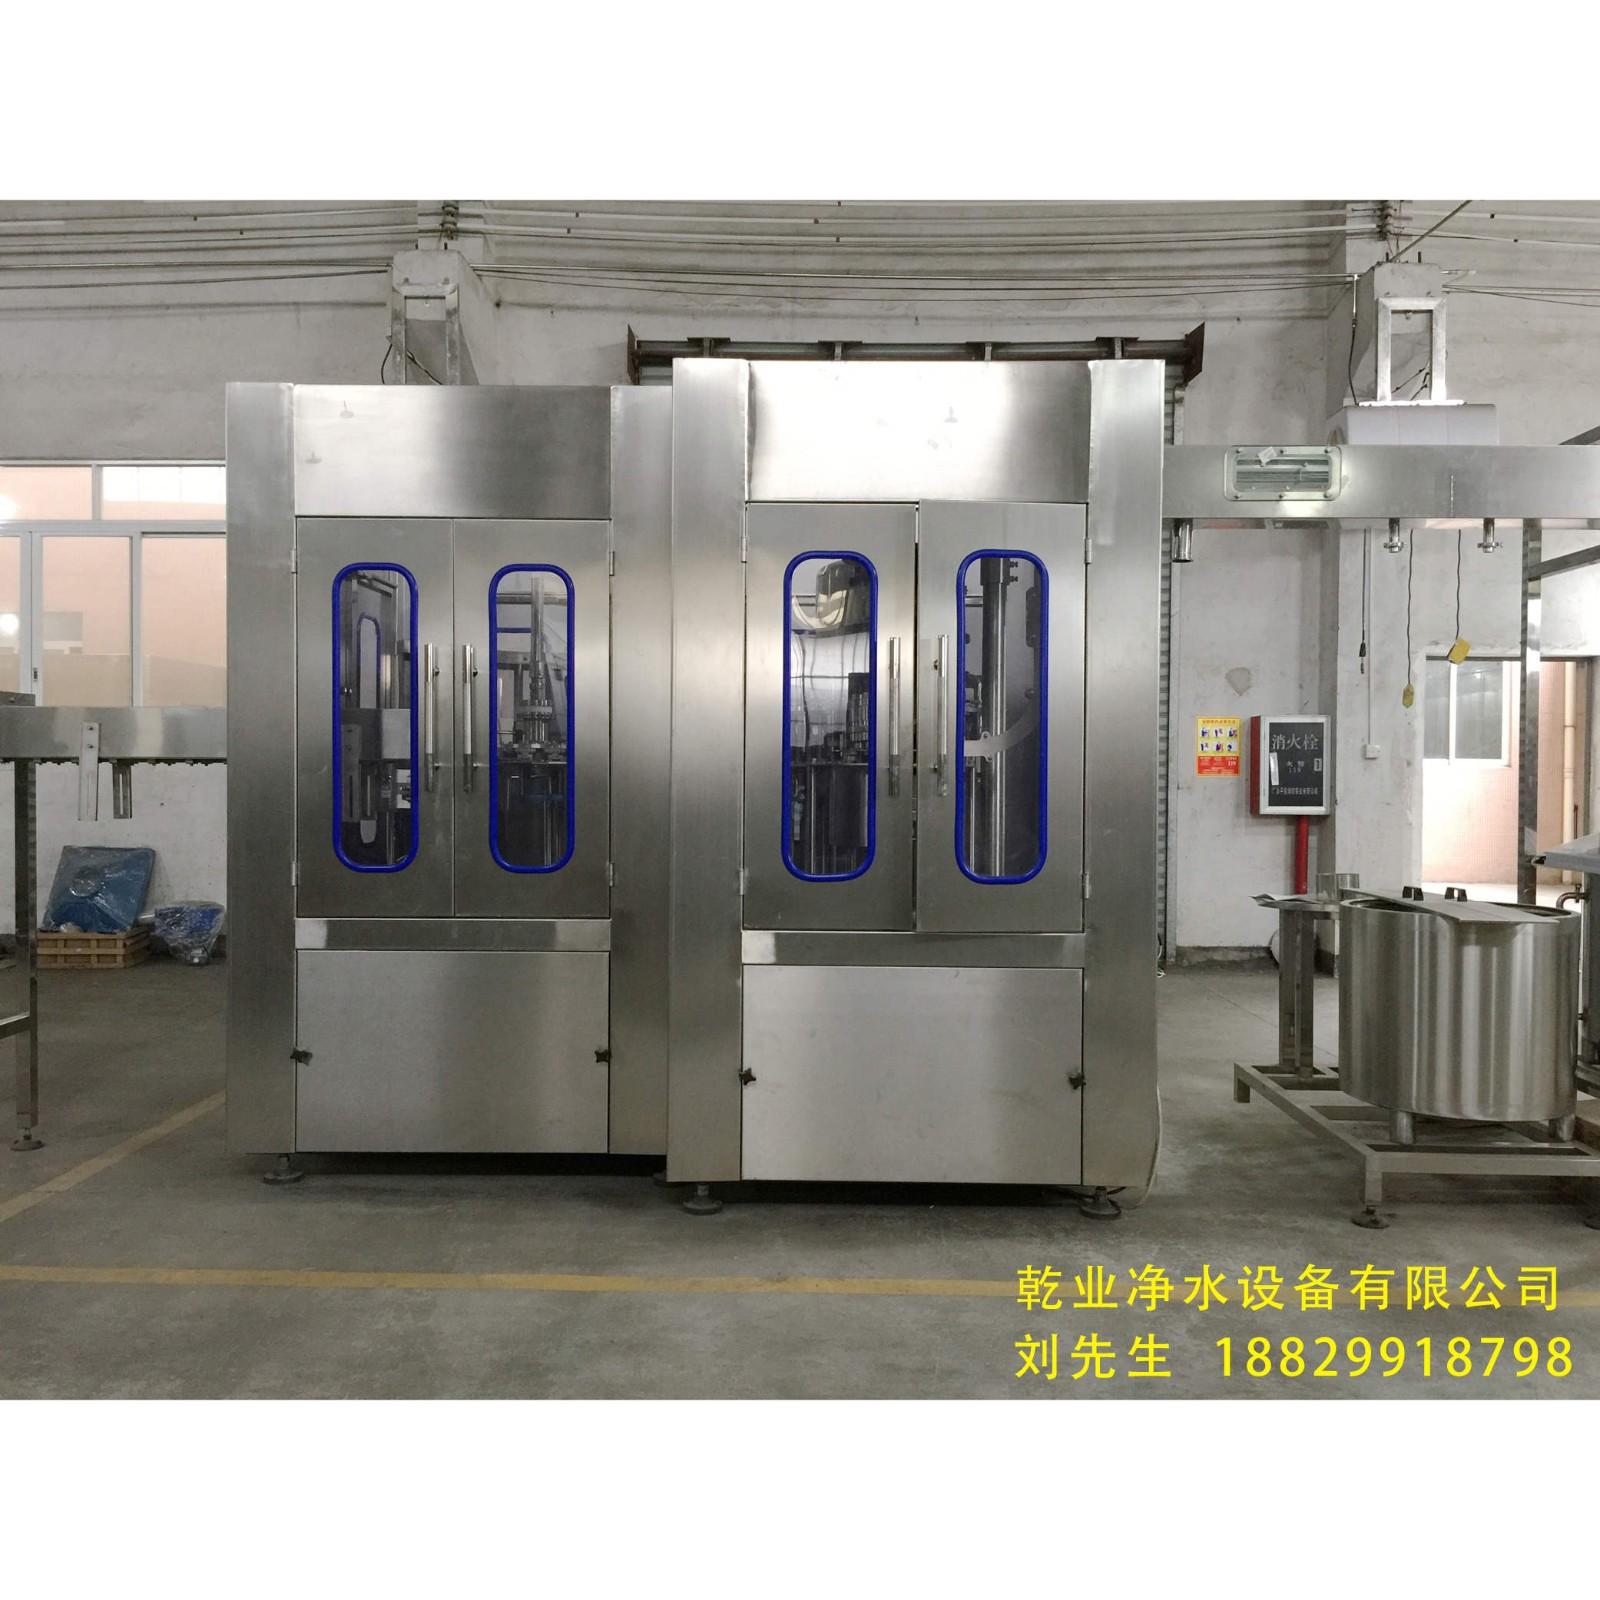 厂家直销 品牌桶装水生产线QY18 桶装纯净水灌装生产线 可定制